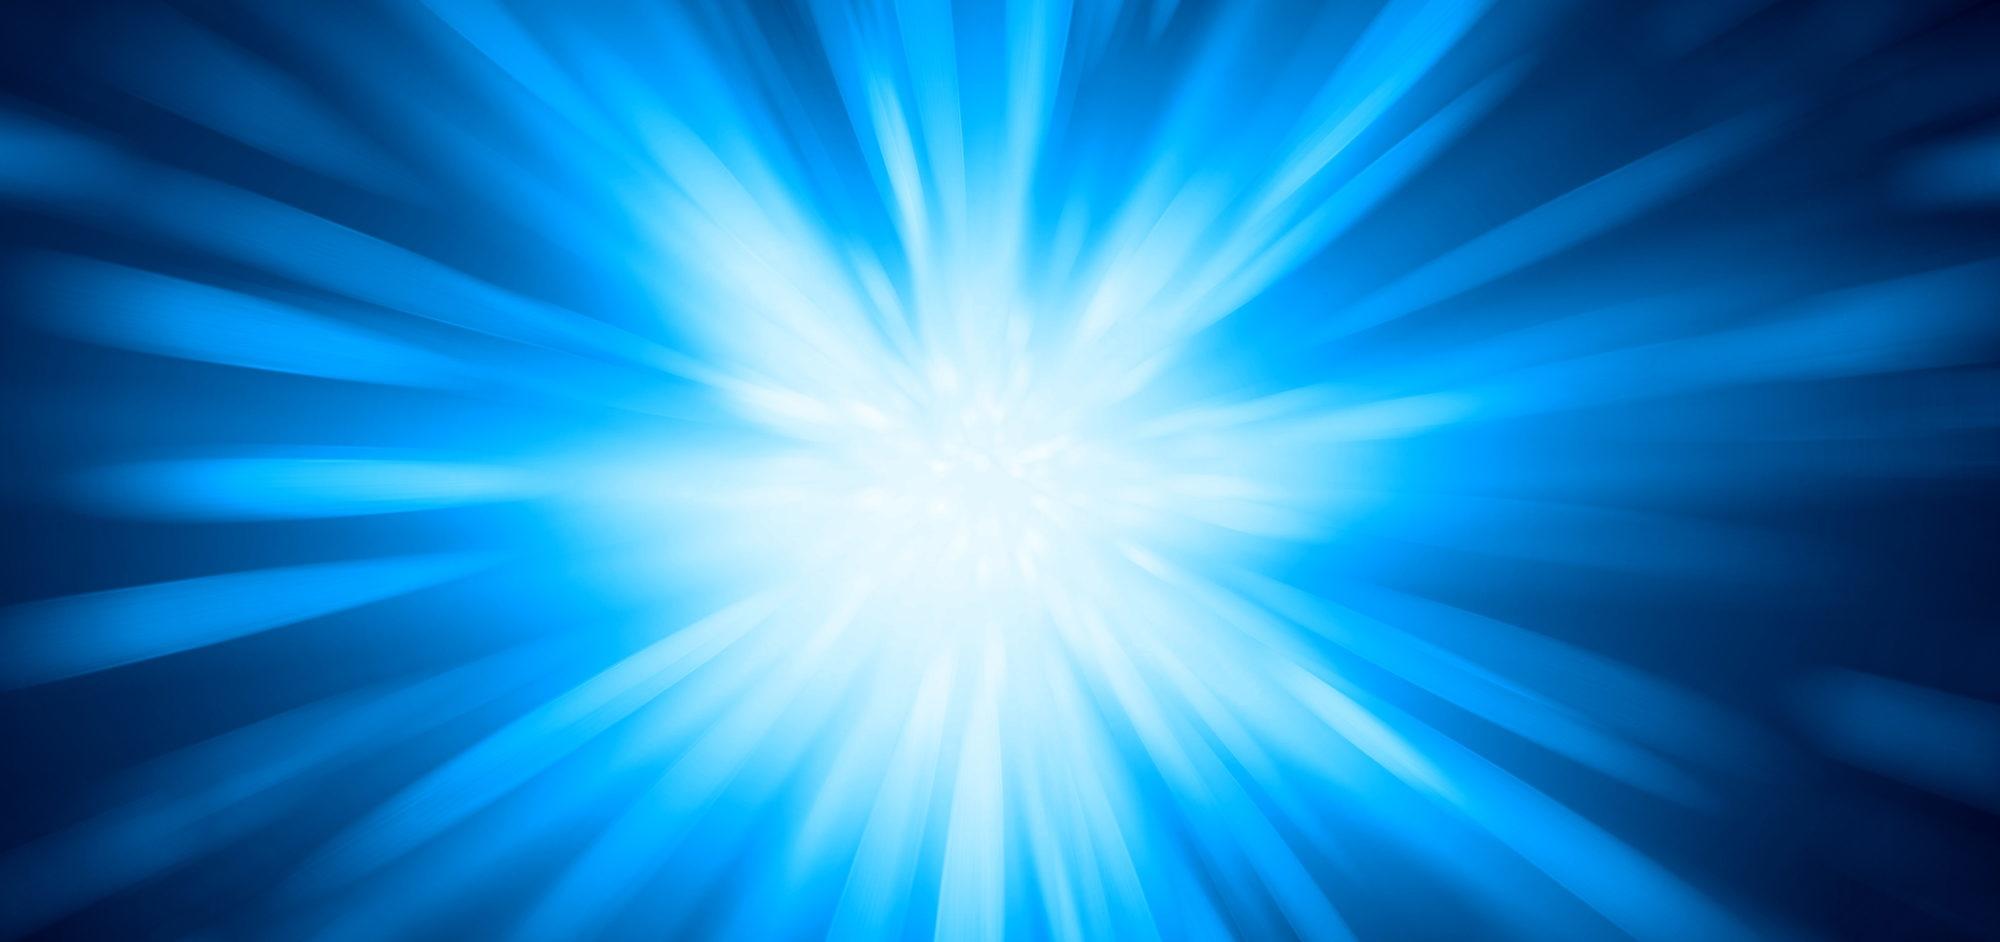 La signification aura bleu et la personnalité - WeMystic ...